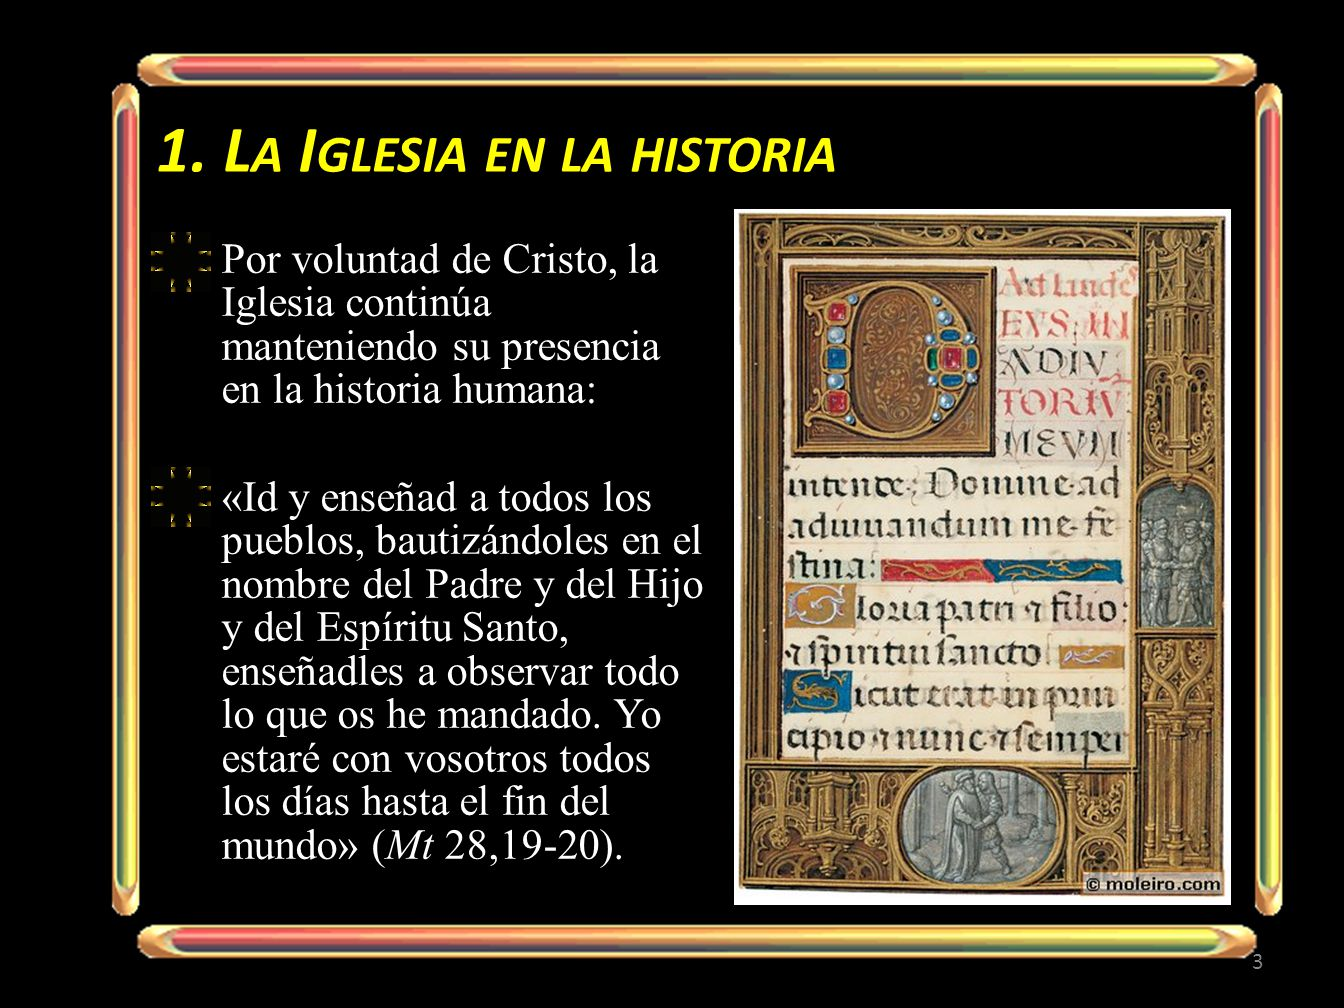 1. La Iglesia en la historia